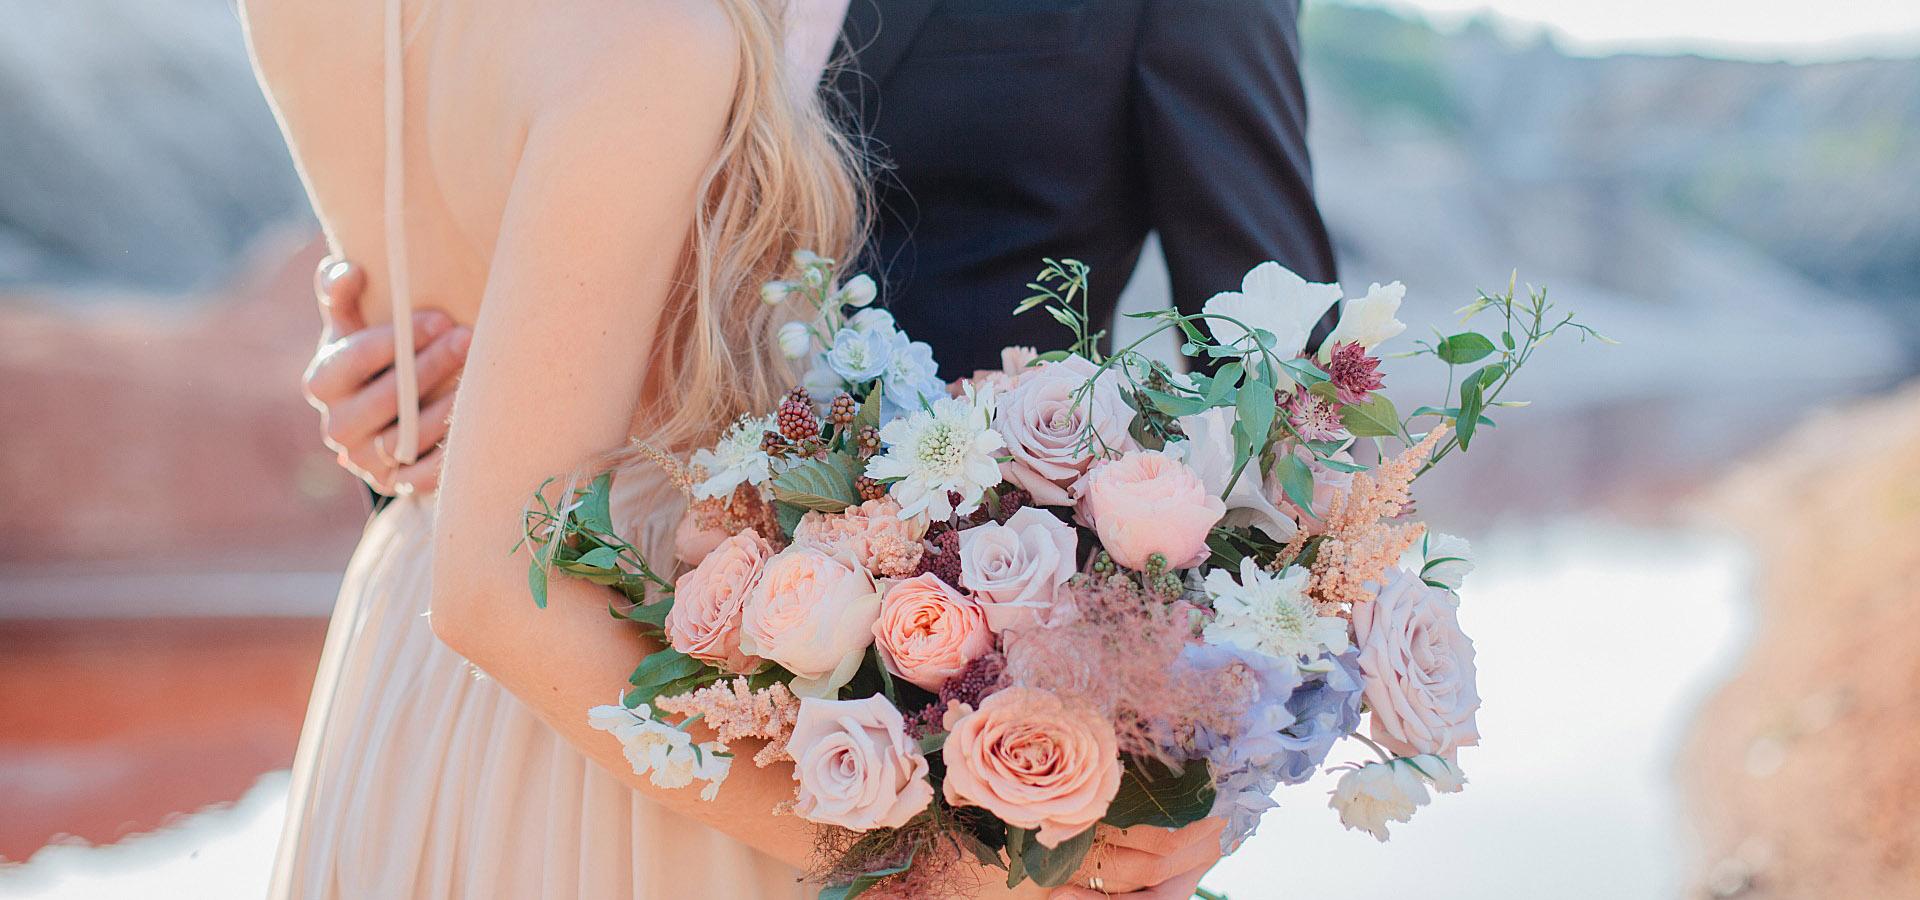 Как сделать свадьбу незабываемой? Простые советы